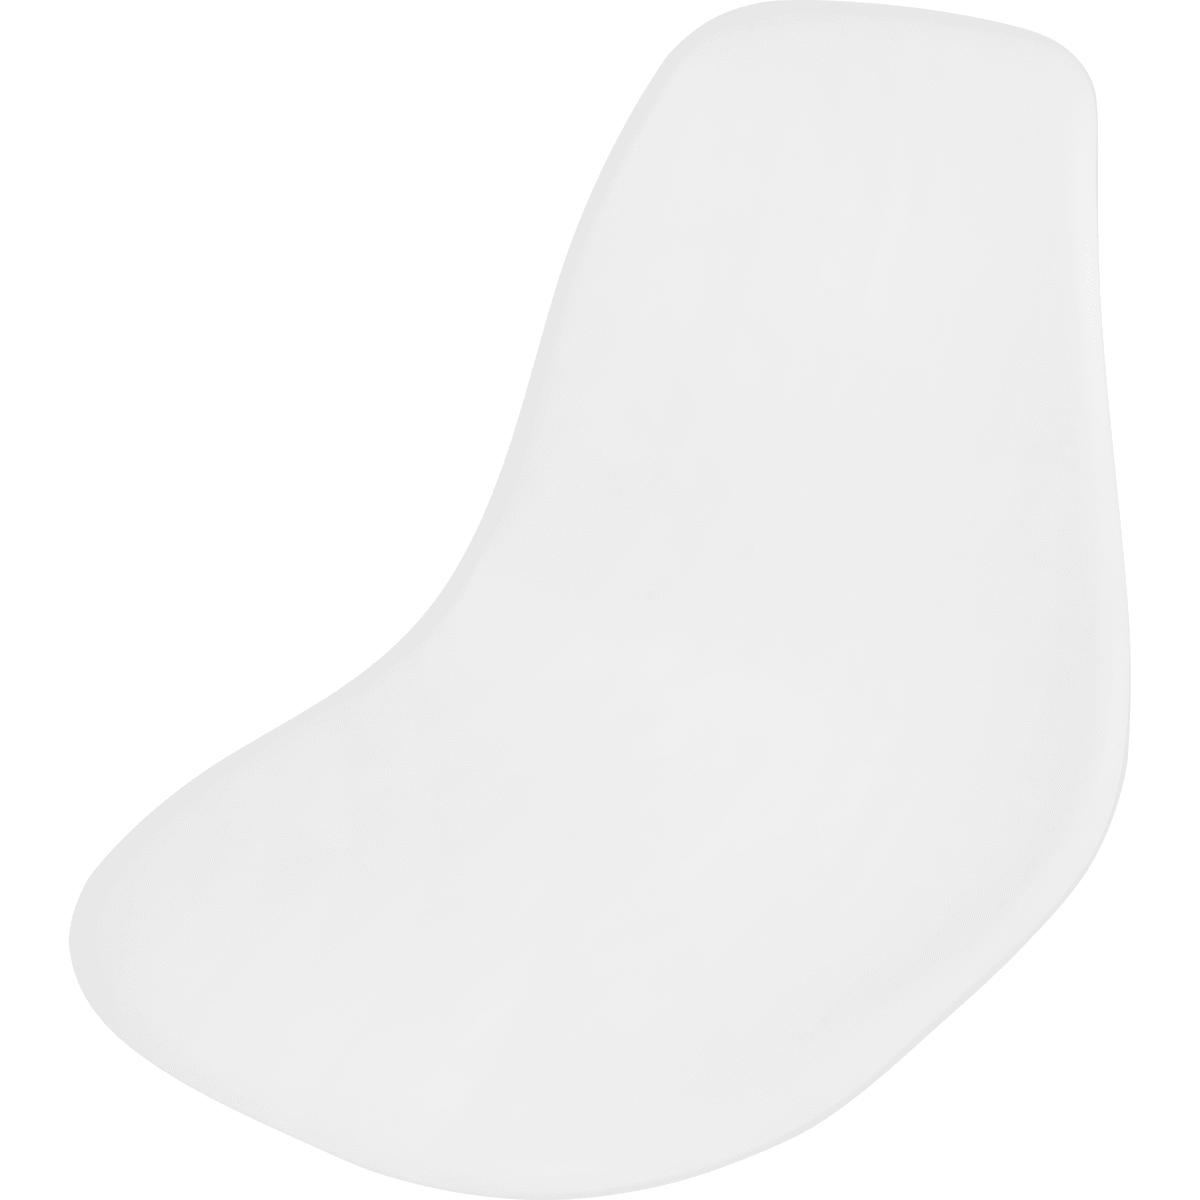 Сиденье Sheffilton SHT-ST6, цвет белый